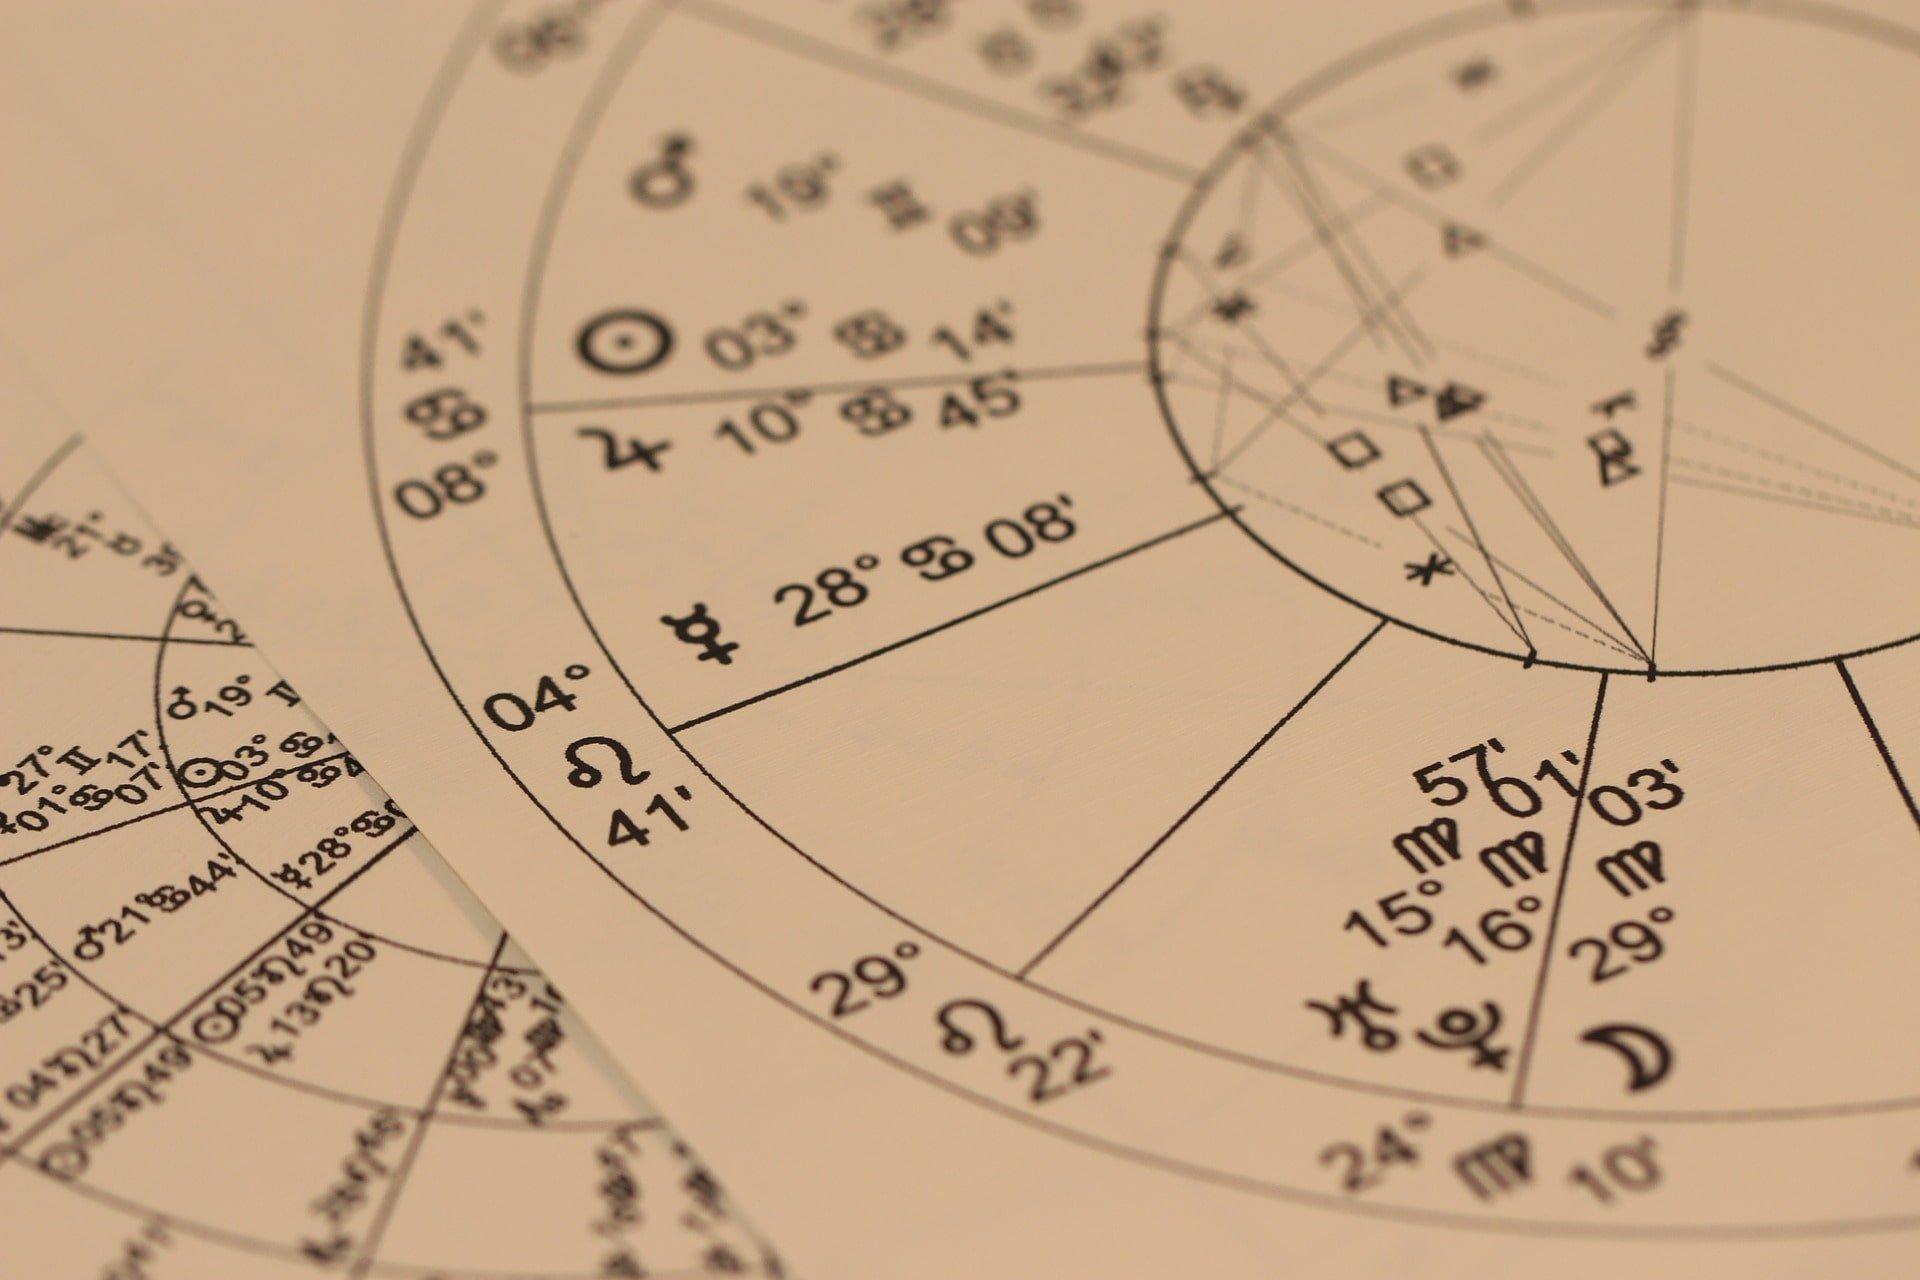 Прозорливый Павел Глоба подготовил гороскоп на вторую половину 2021 года